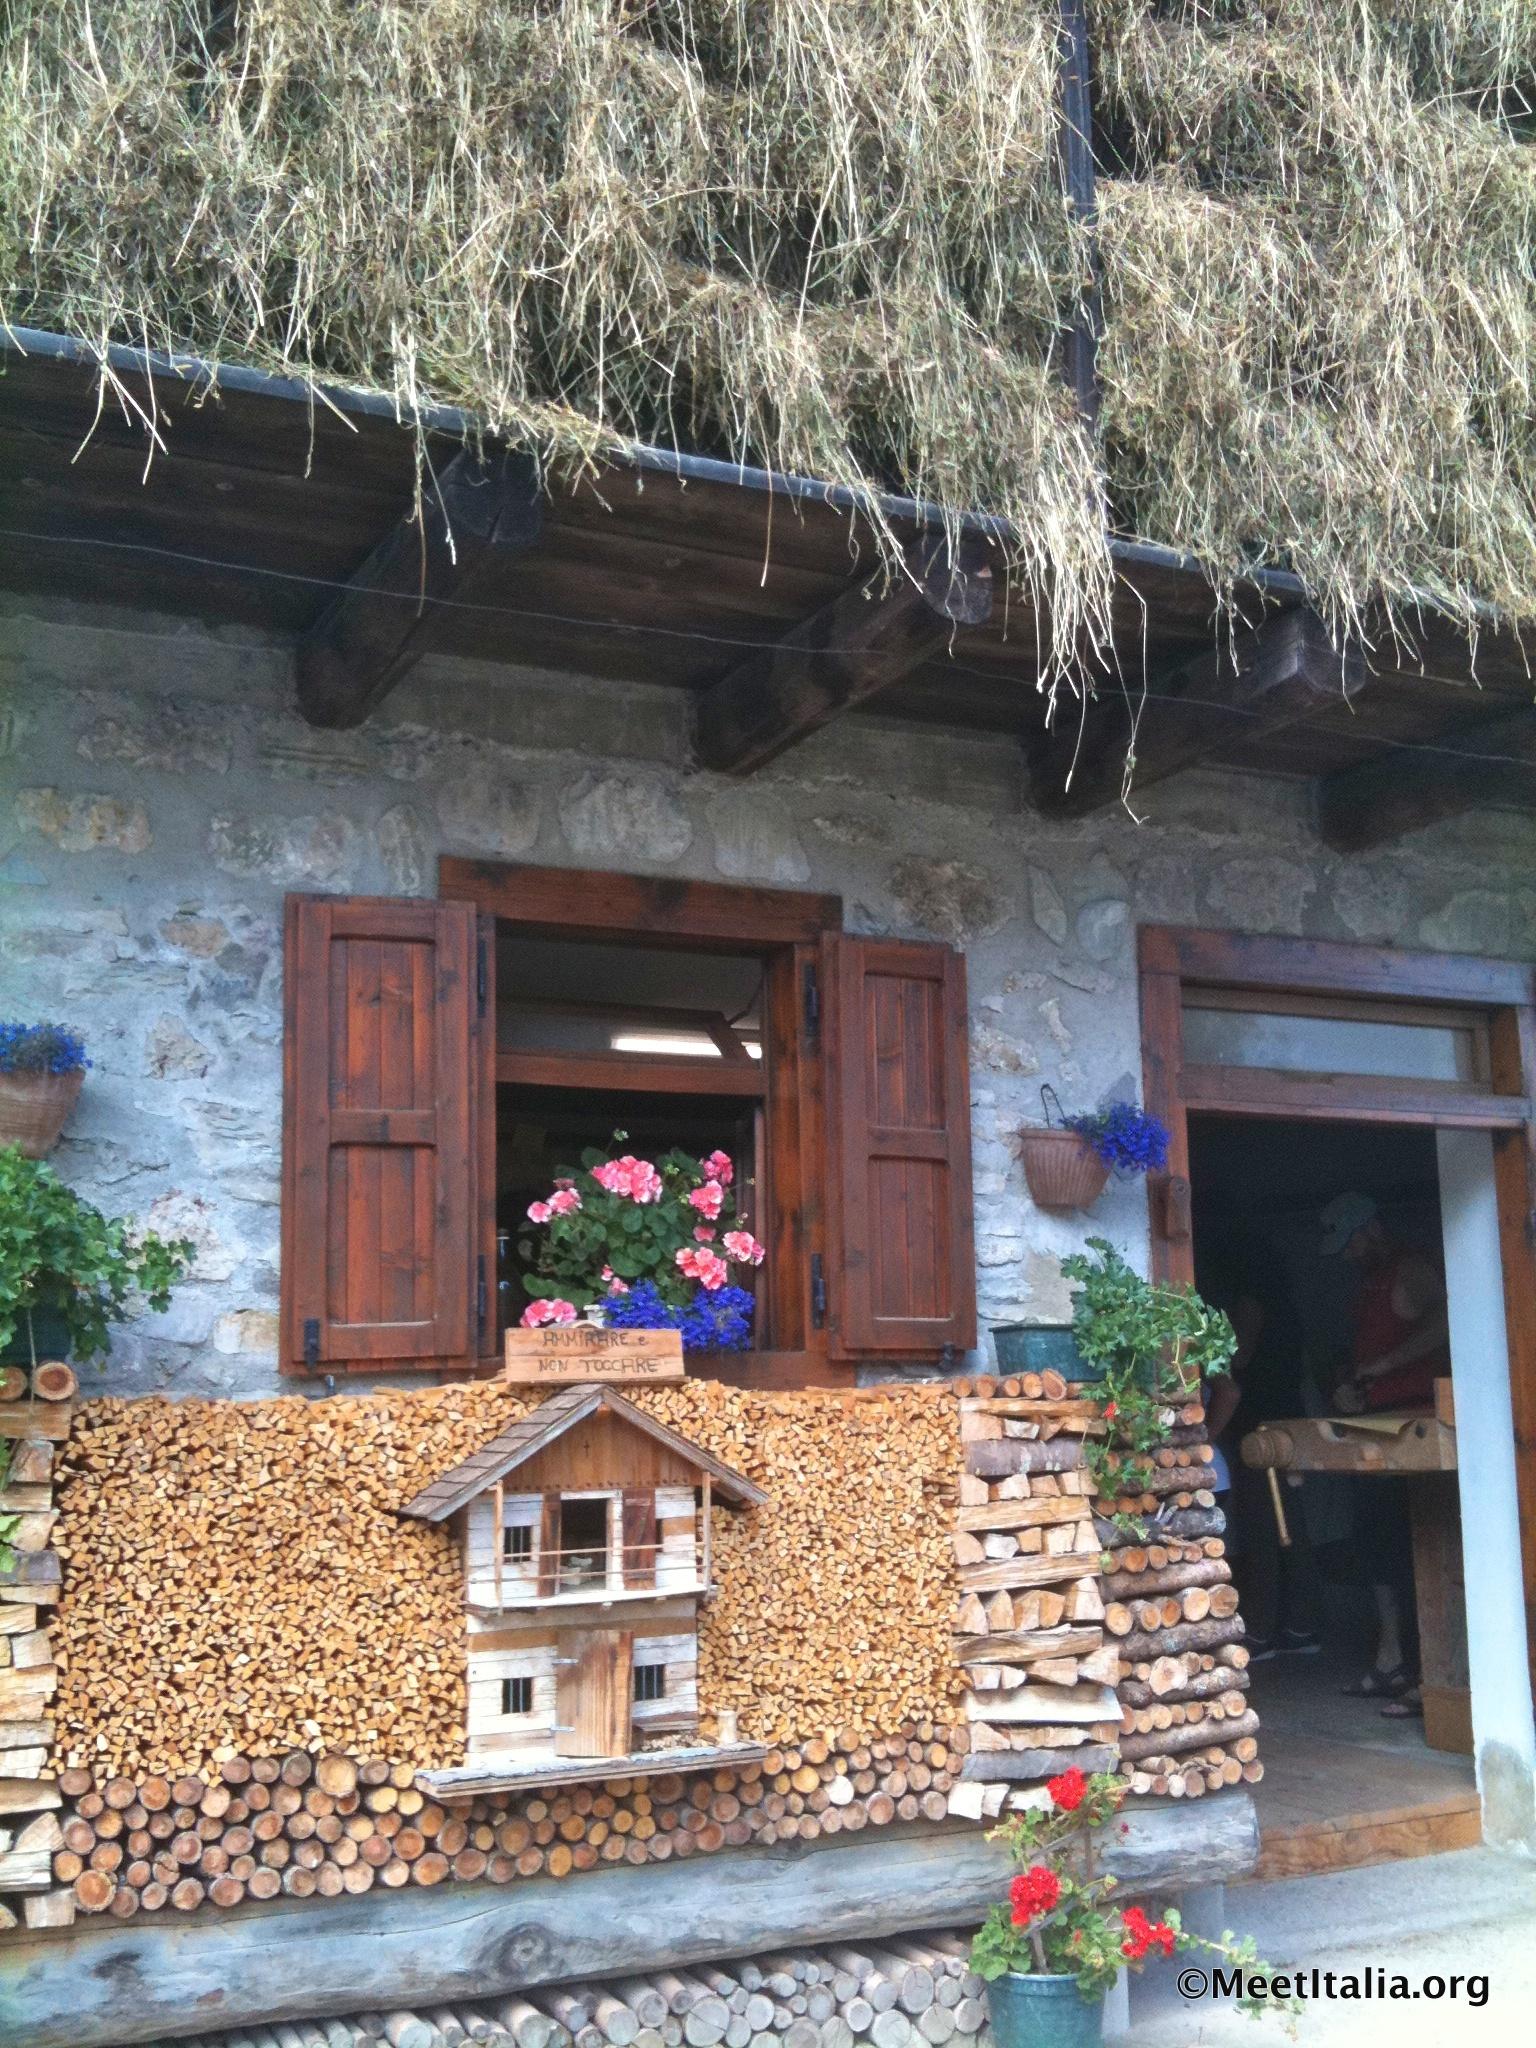 Meetitalia festa del prosciutto di sauris sauris ud 9 for Casa tradizionale mogoro